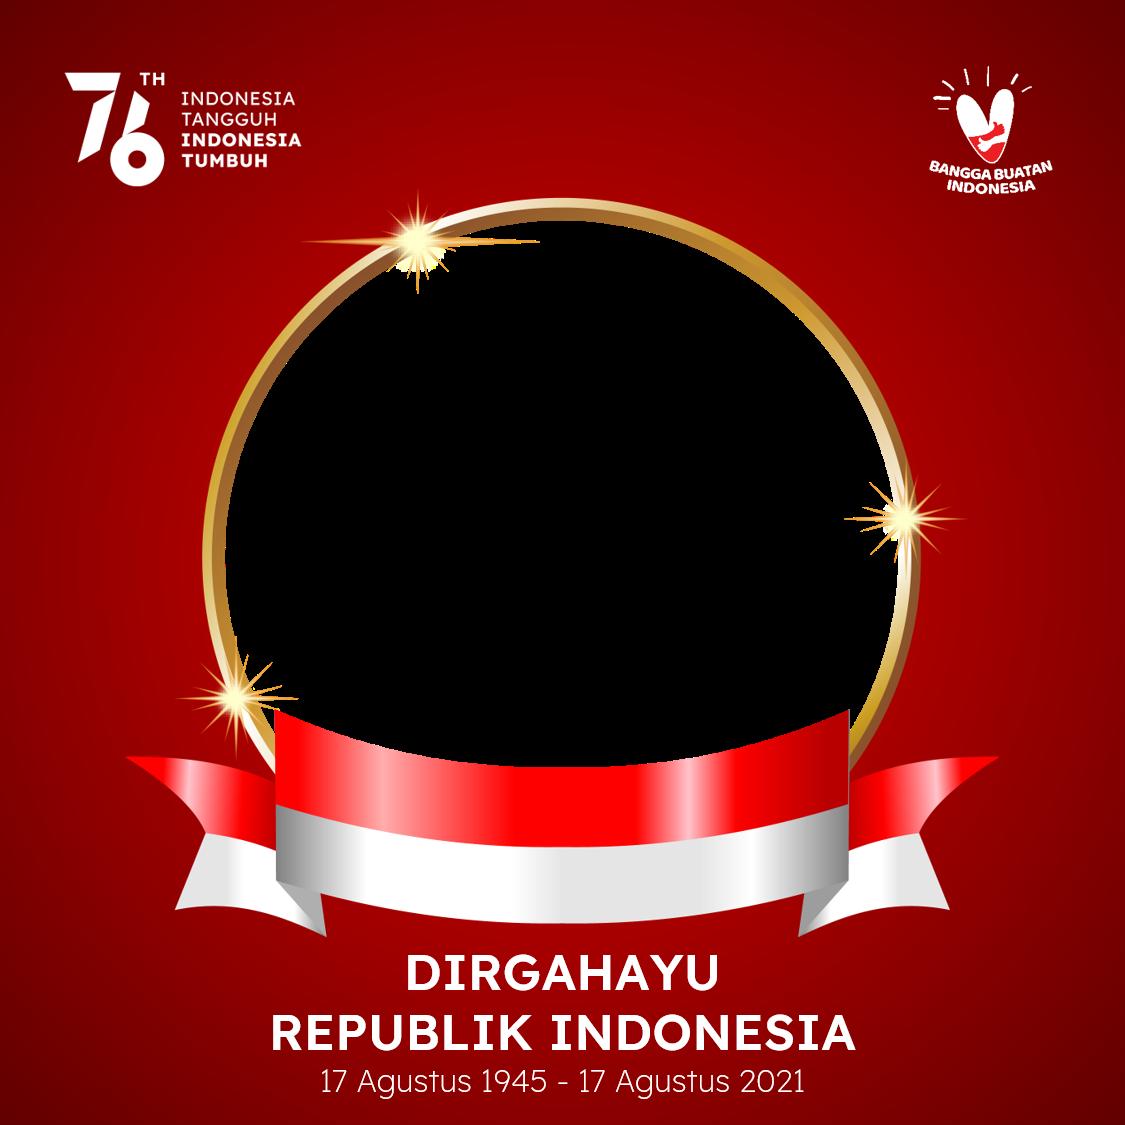 Link Download Bingkai Foto Twibbon Dirgahayu Republik Indonesia 2021 - HUT RI ke-76